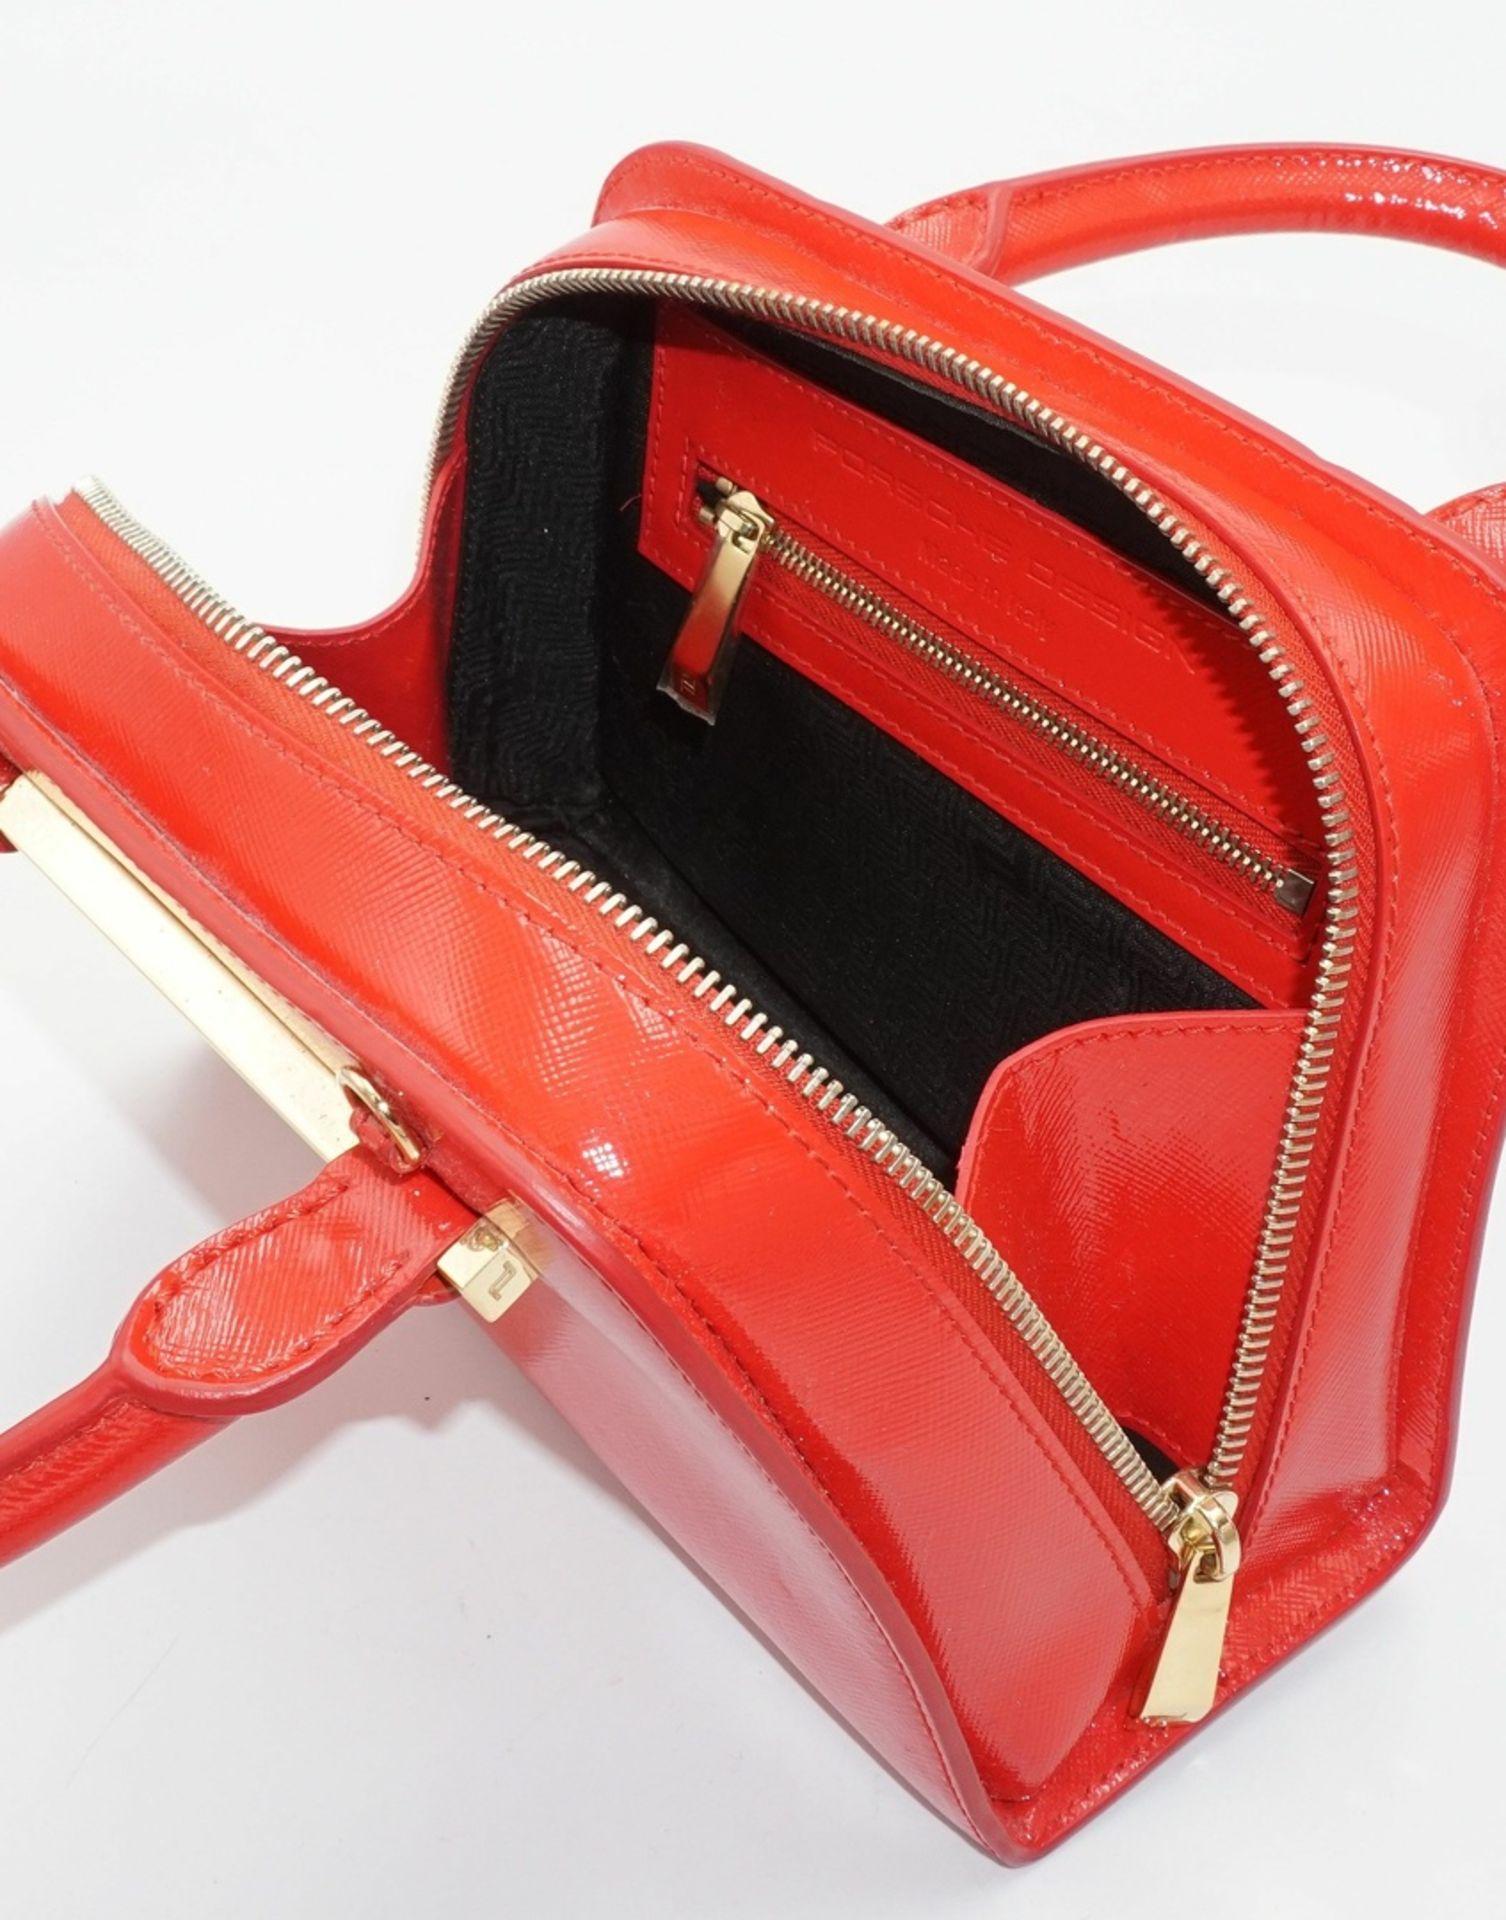 PORSCHE Design TwinBag Mini RED GOLD - Bild 8 aus 9